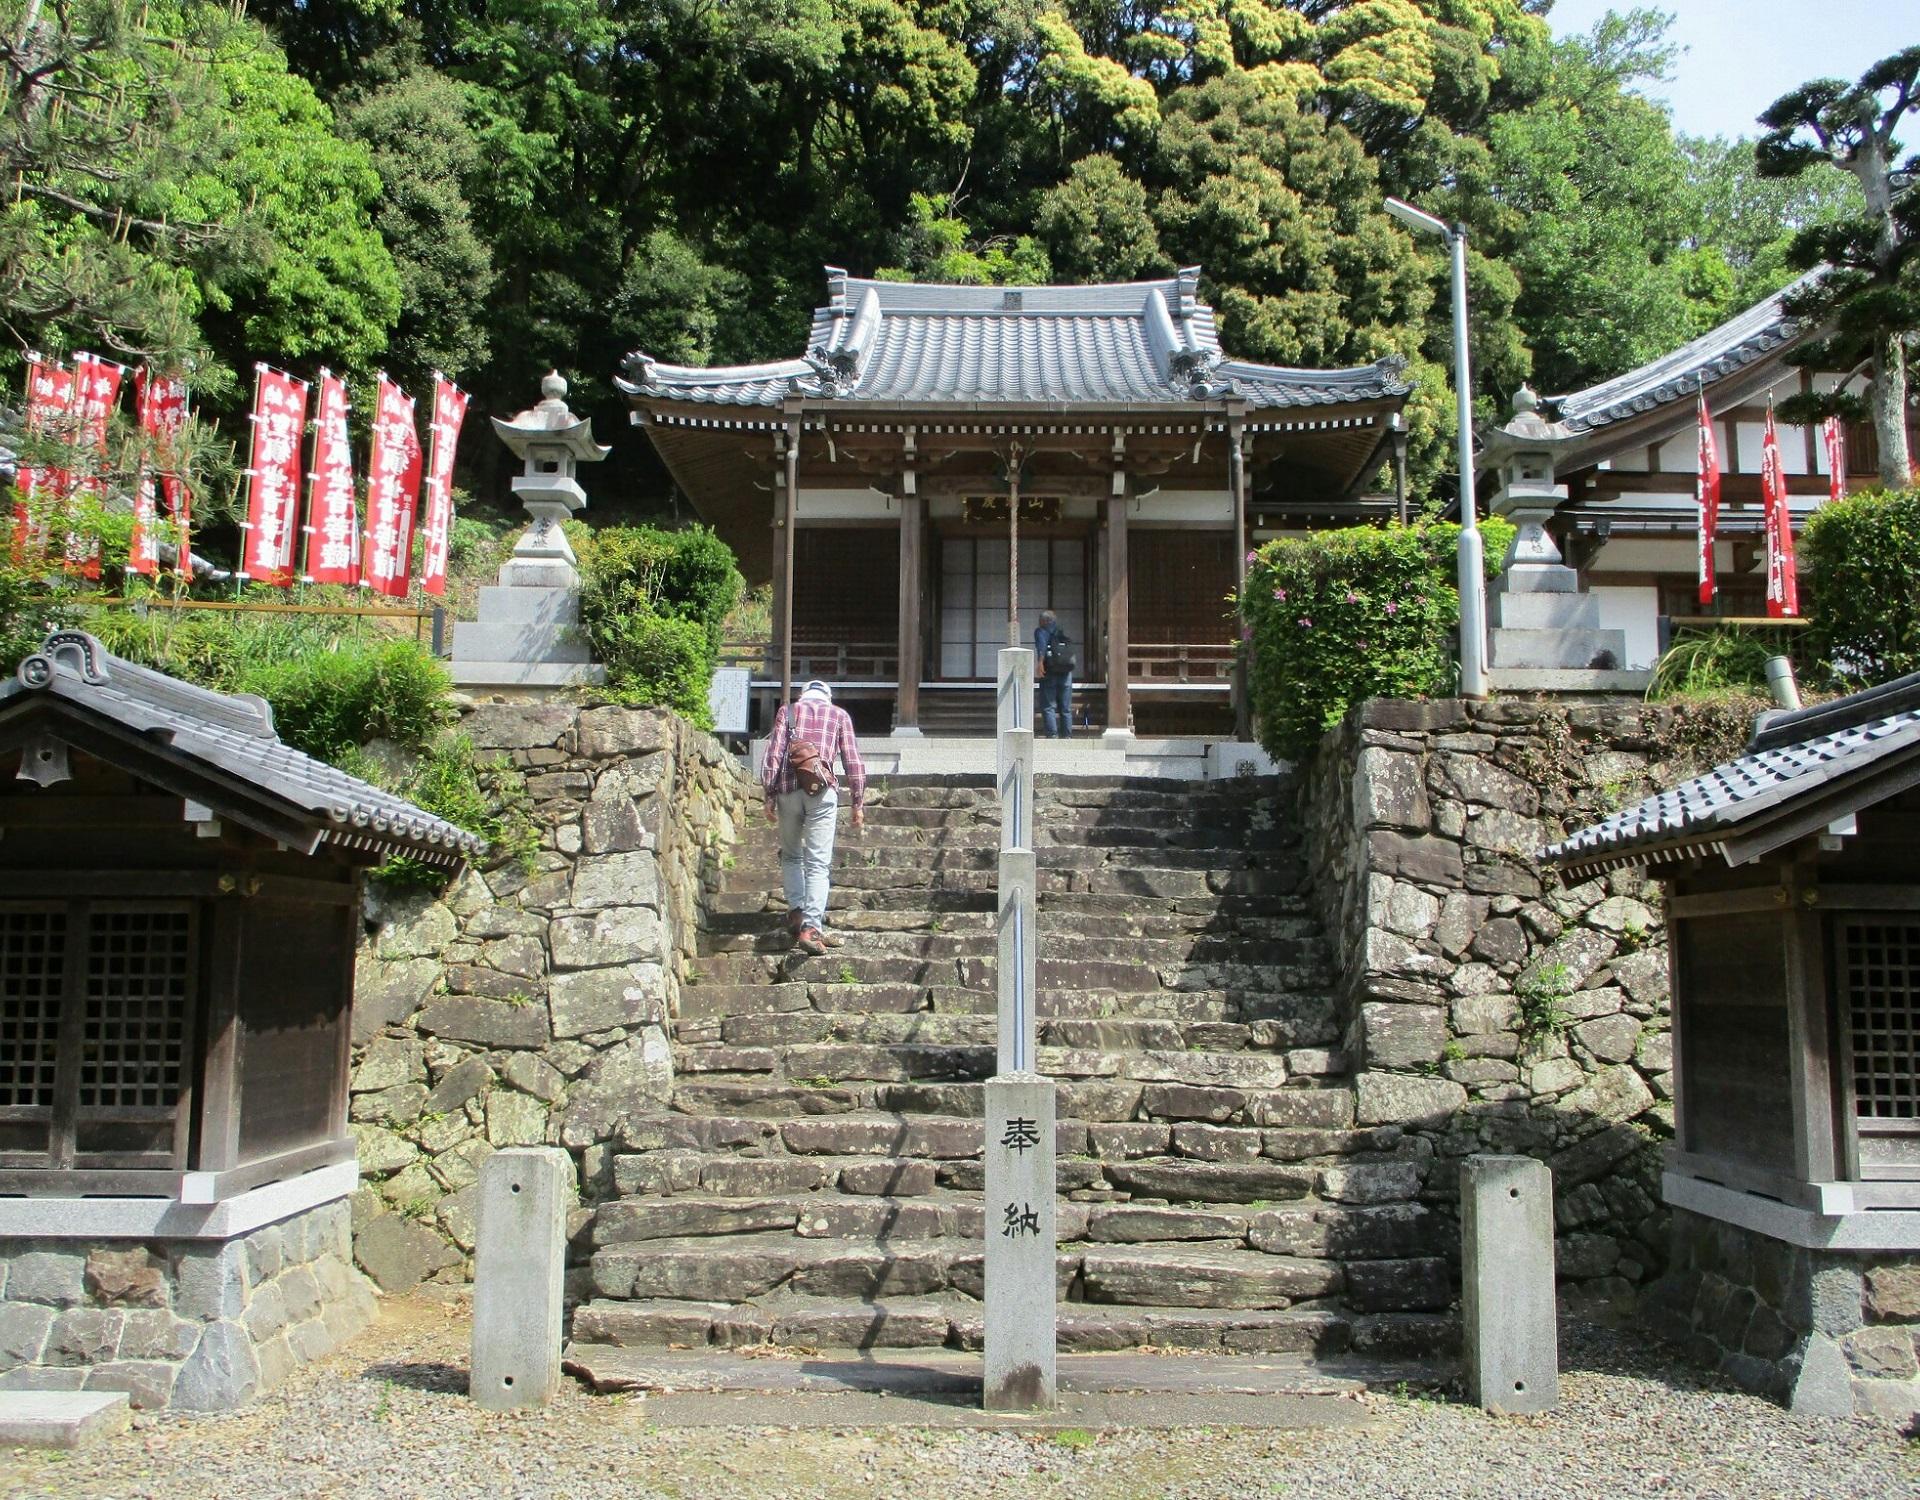 2019.5.3 (31) はずゆめヲーク - 竜蔵院 1920-1500